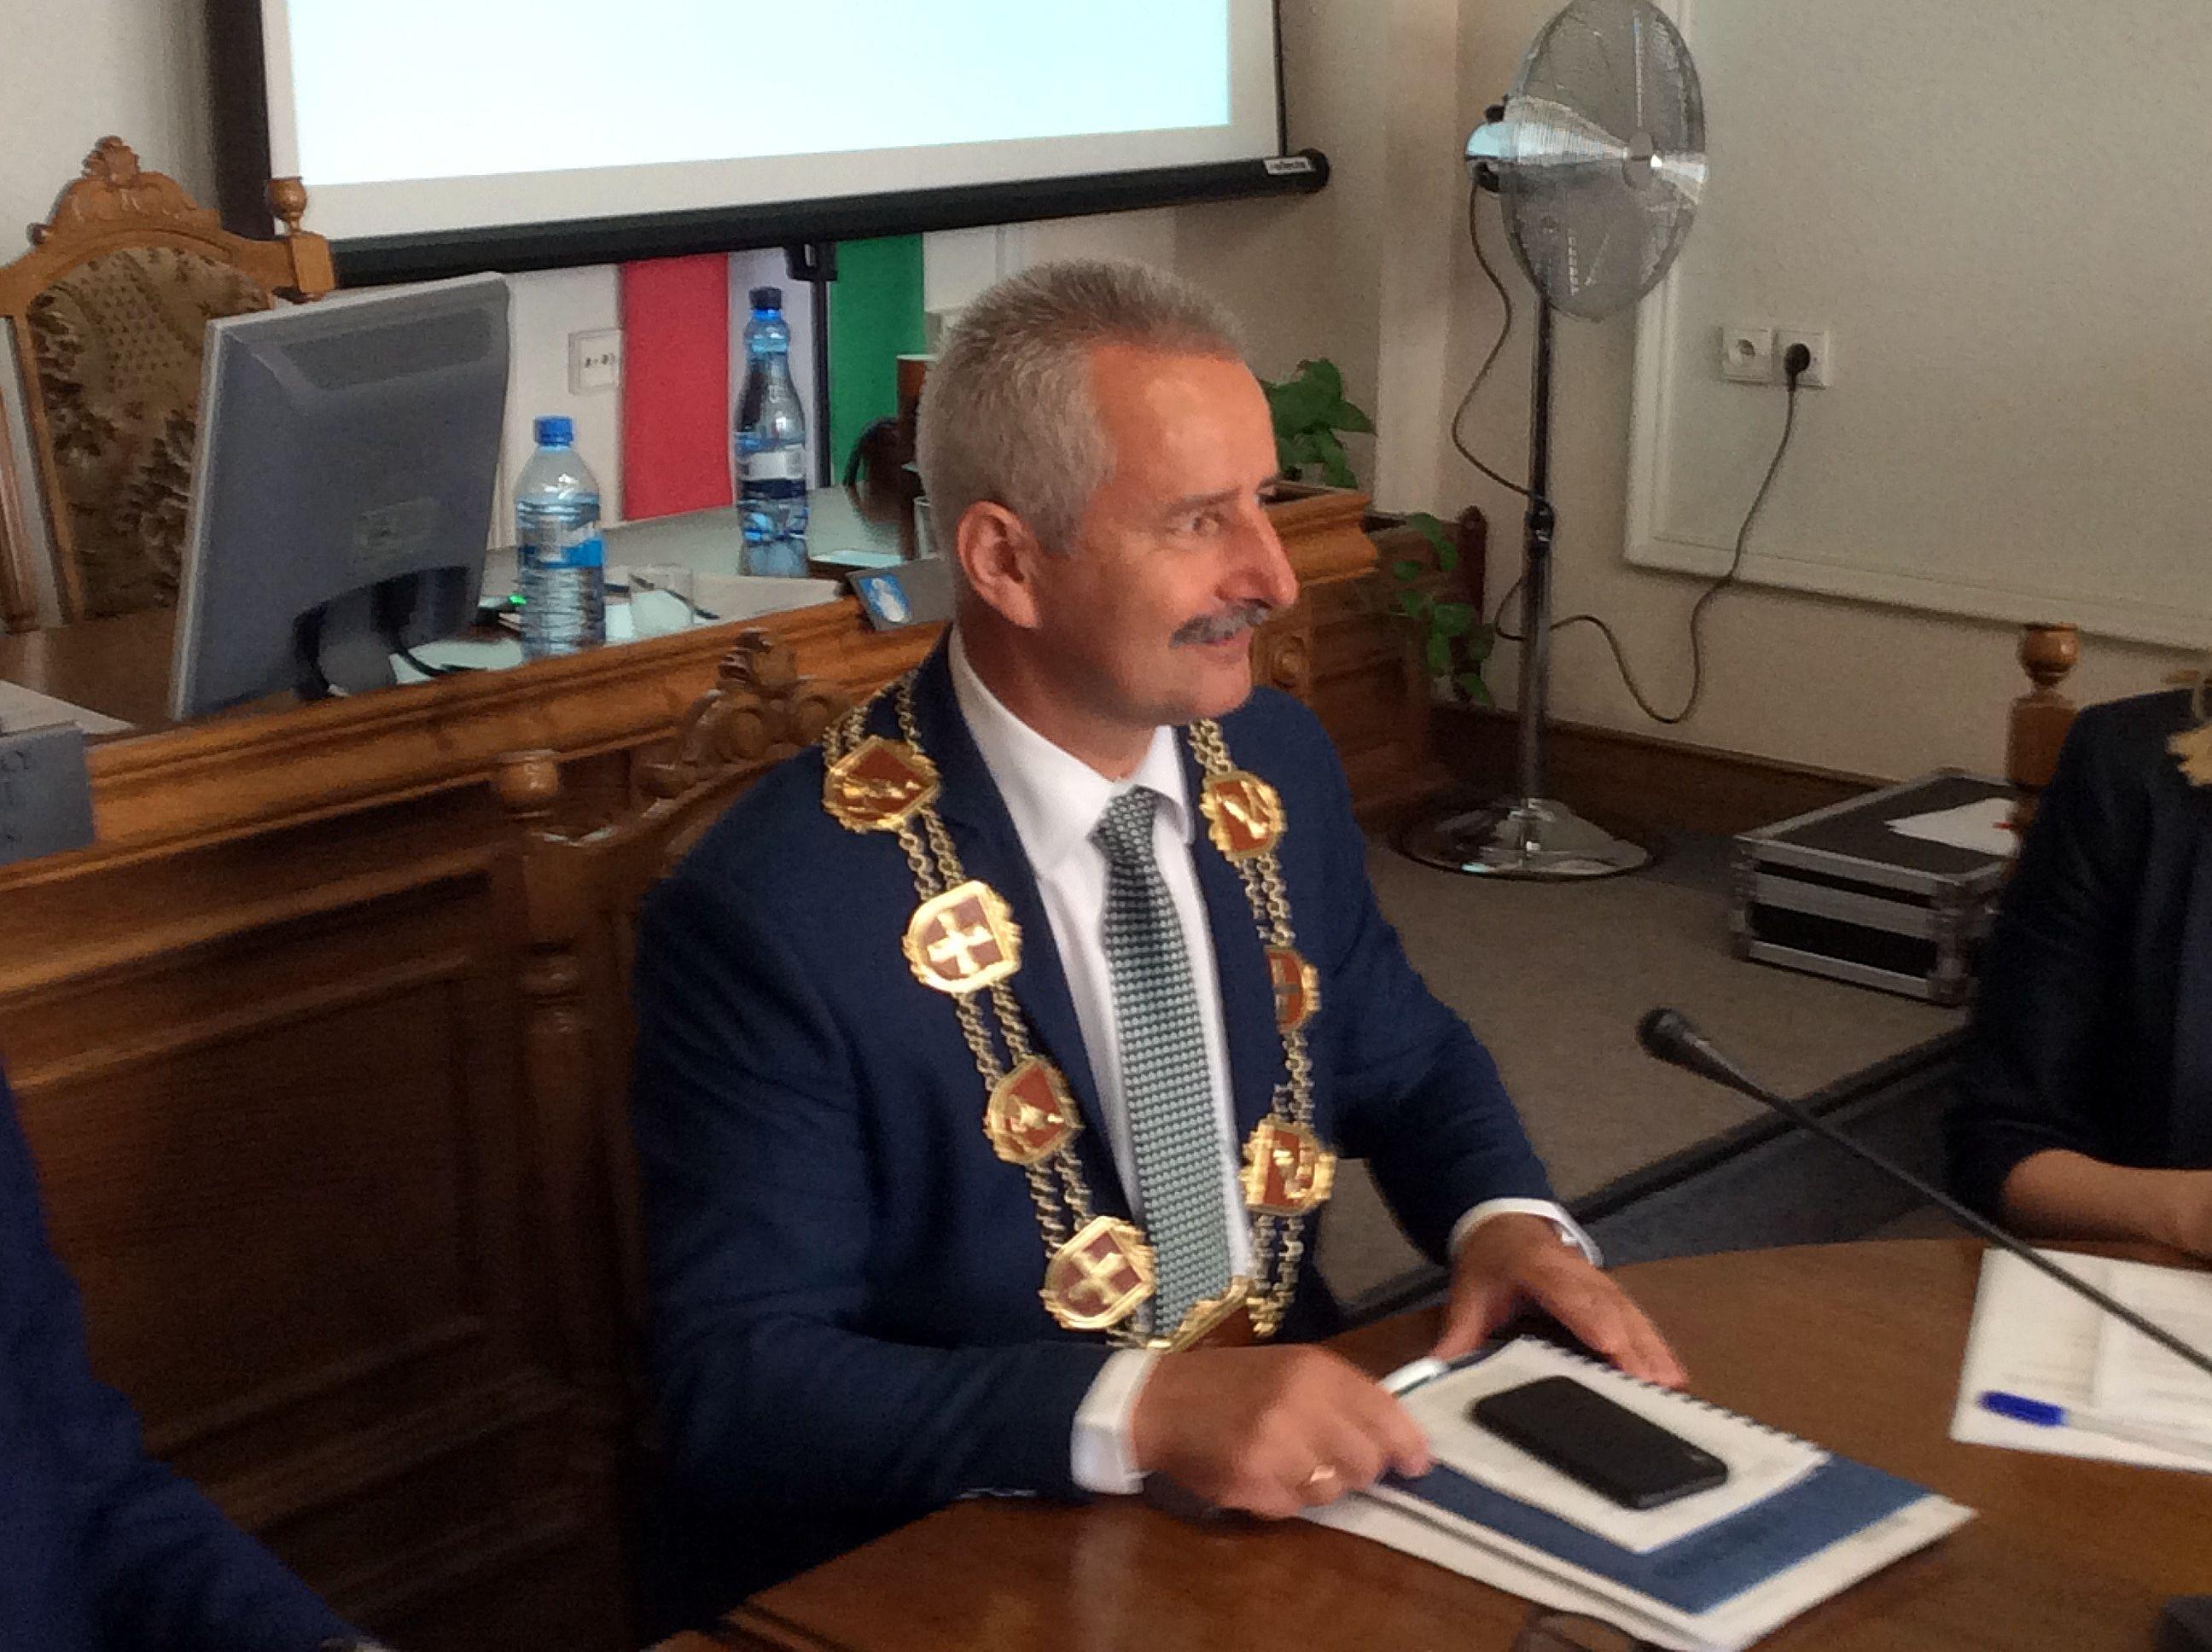 Informacja Burmistrza Tucholi – tryb uzyskiwania danych jednostkowych z rejestru PESEL albo rejestrów mieszkańców